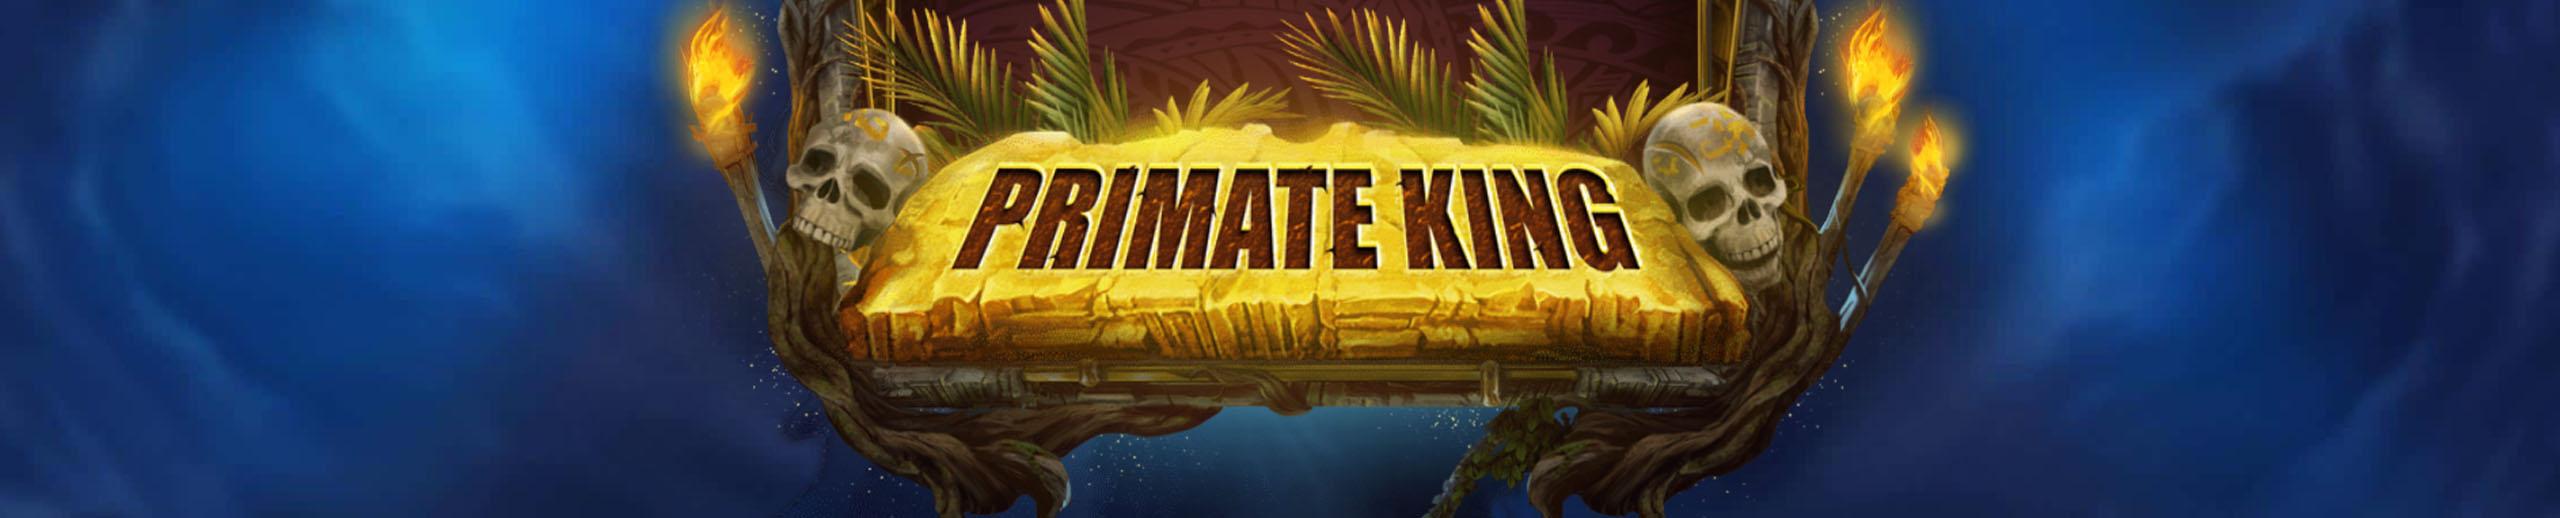 Primate King Red Tiger Gaming